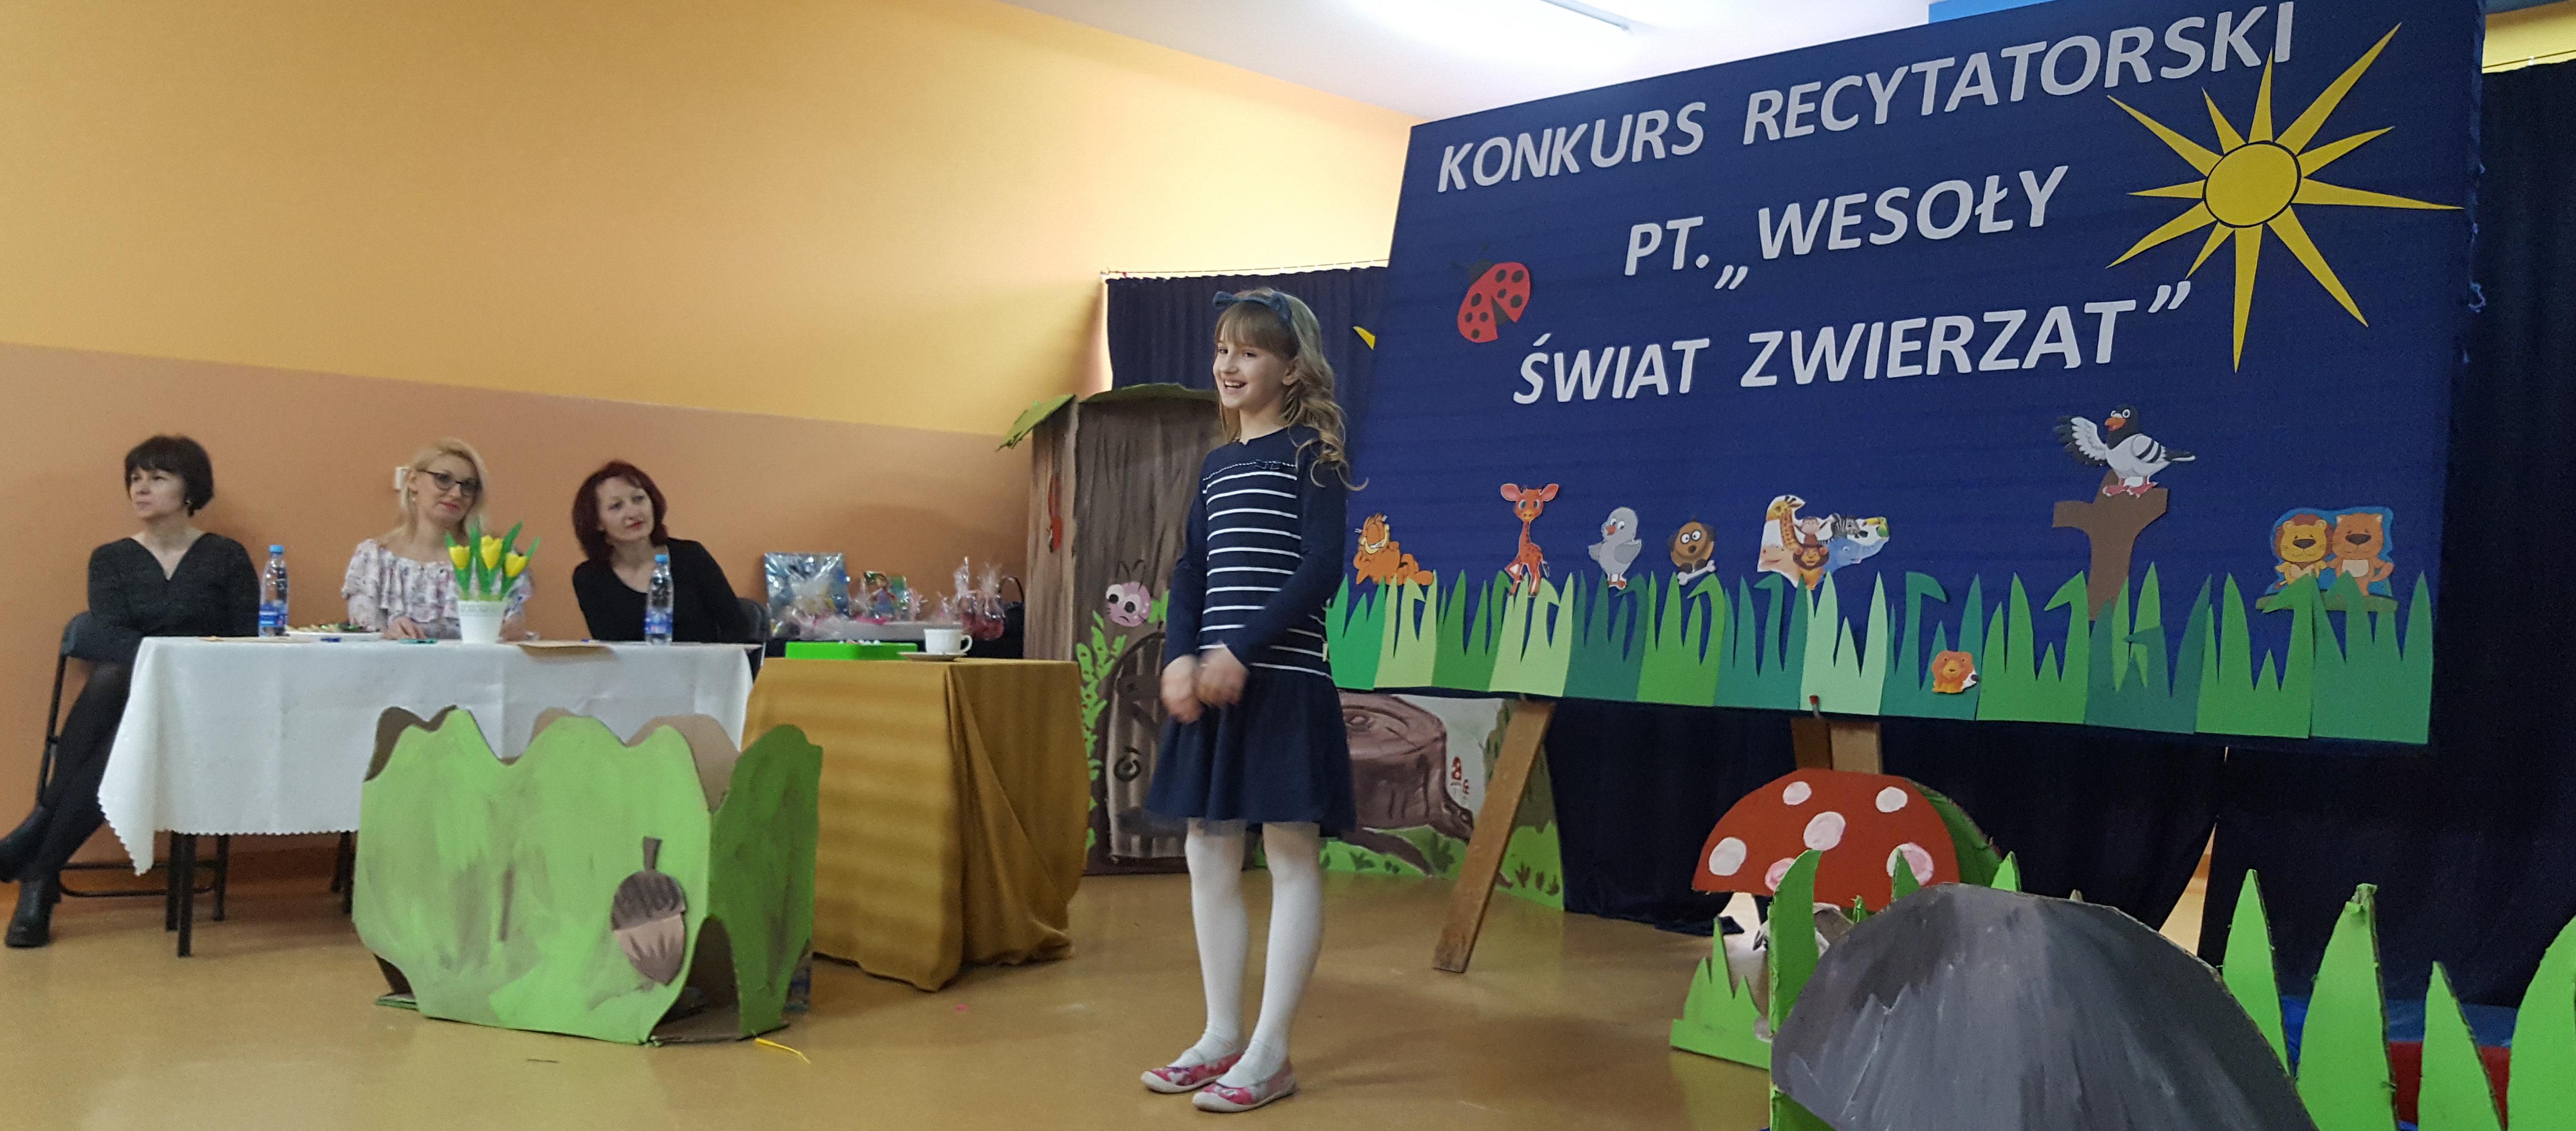 Wesoły świat Zwierząt Konkurs Recytatorski Dla Uczniów